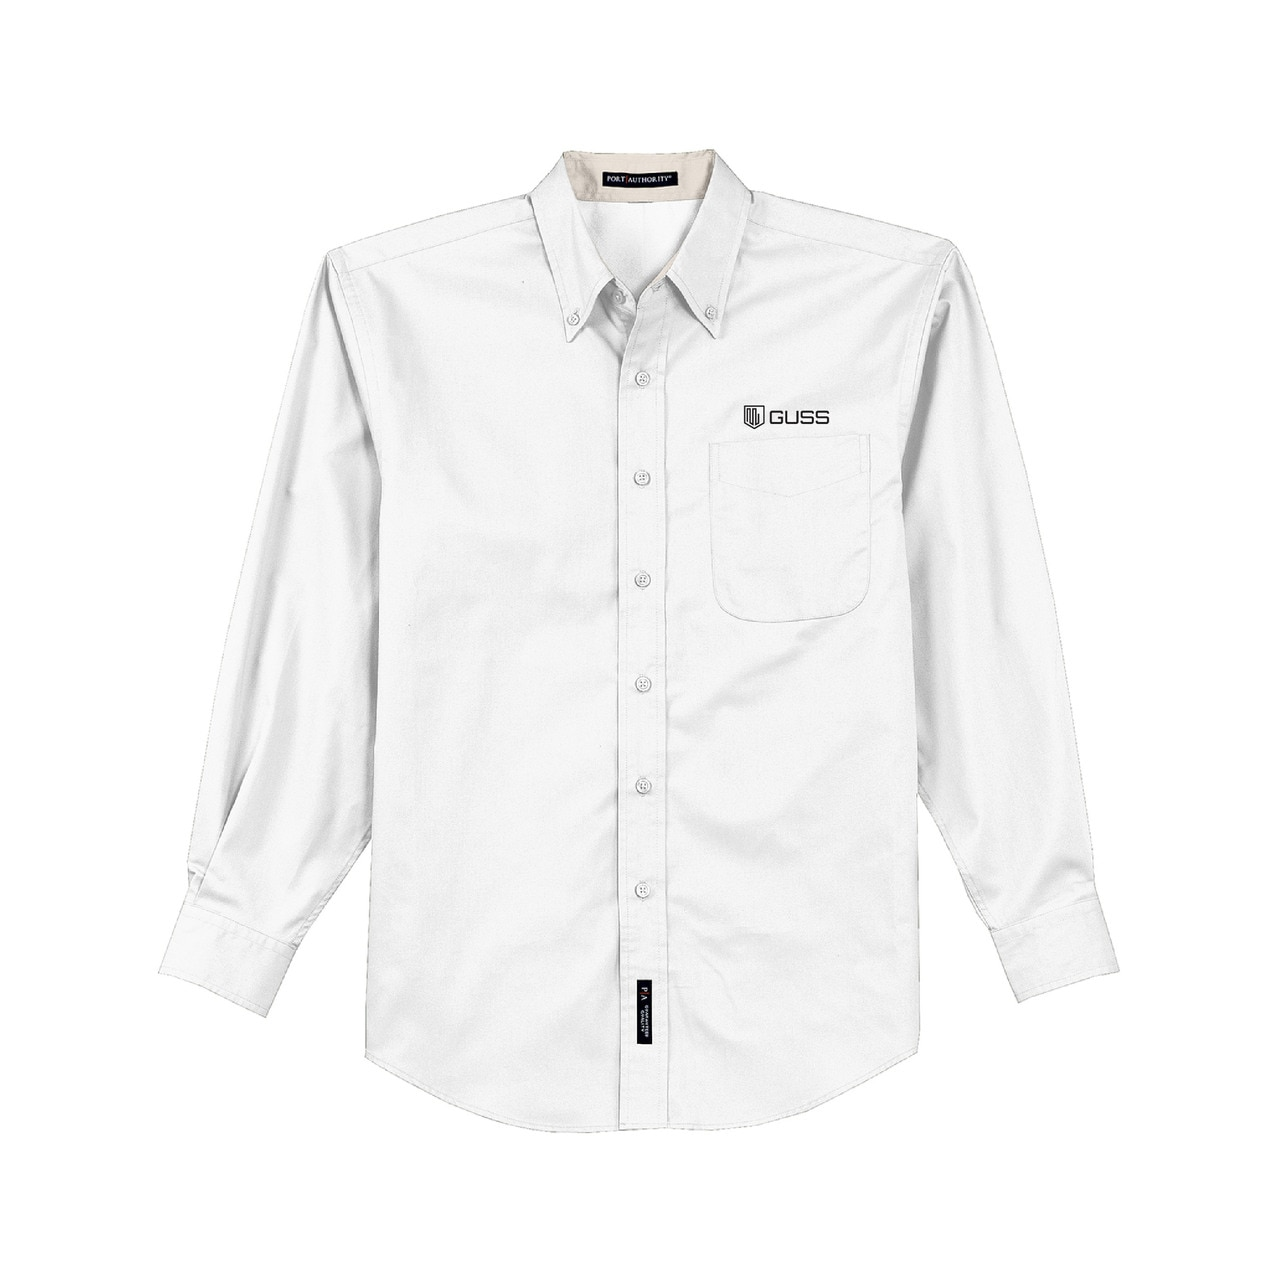 Men - Port Authority Long Sleeve Easy Care Shirt - White